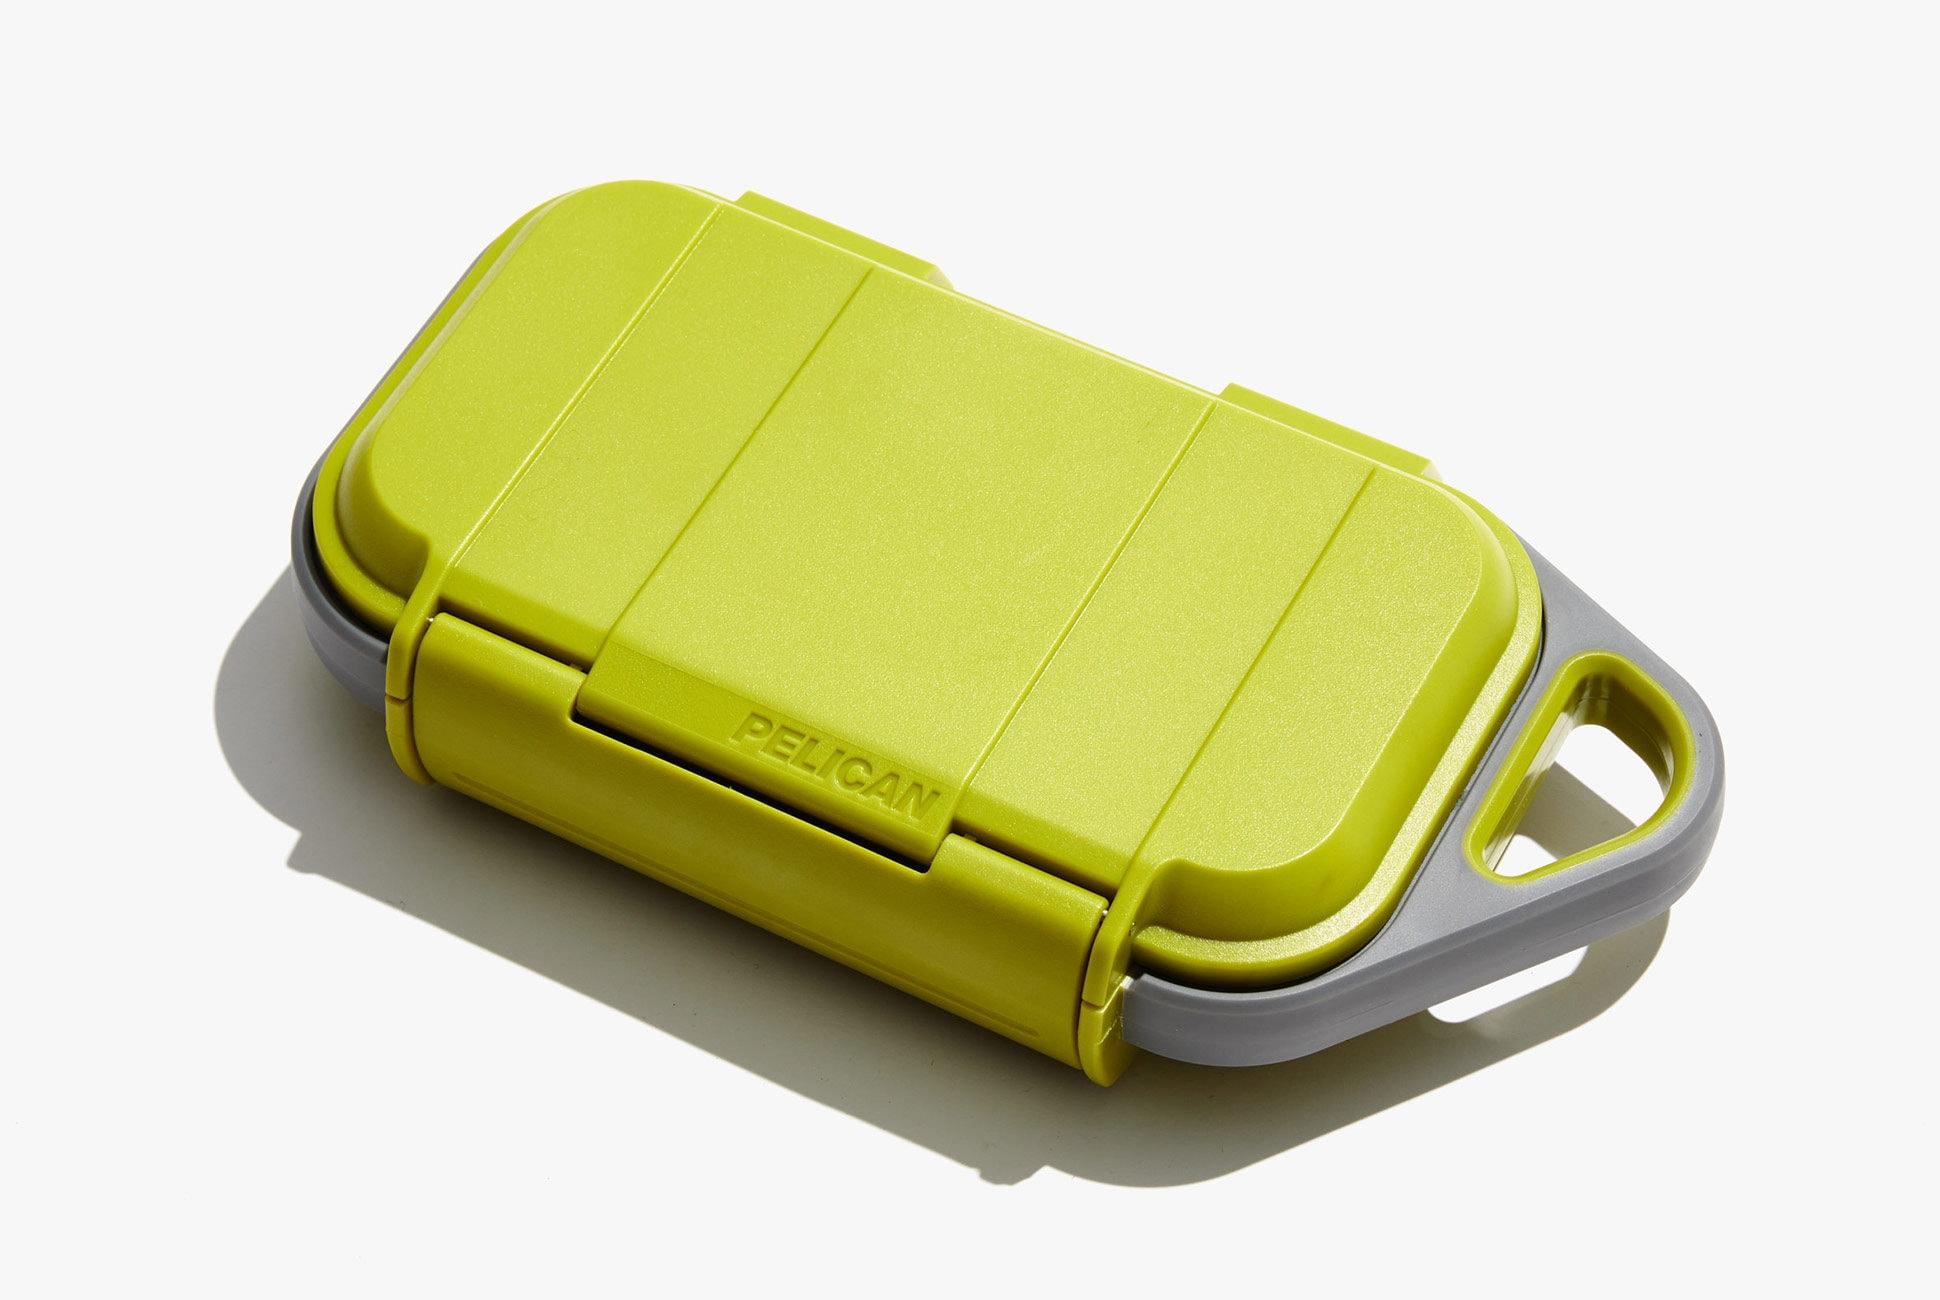 Weekend-Carry-Sponsored-Pelican-Gear-Patrol-Product-Slide-2